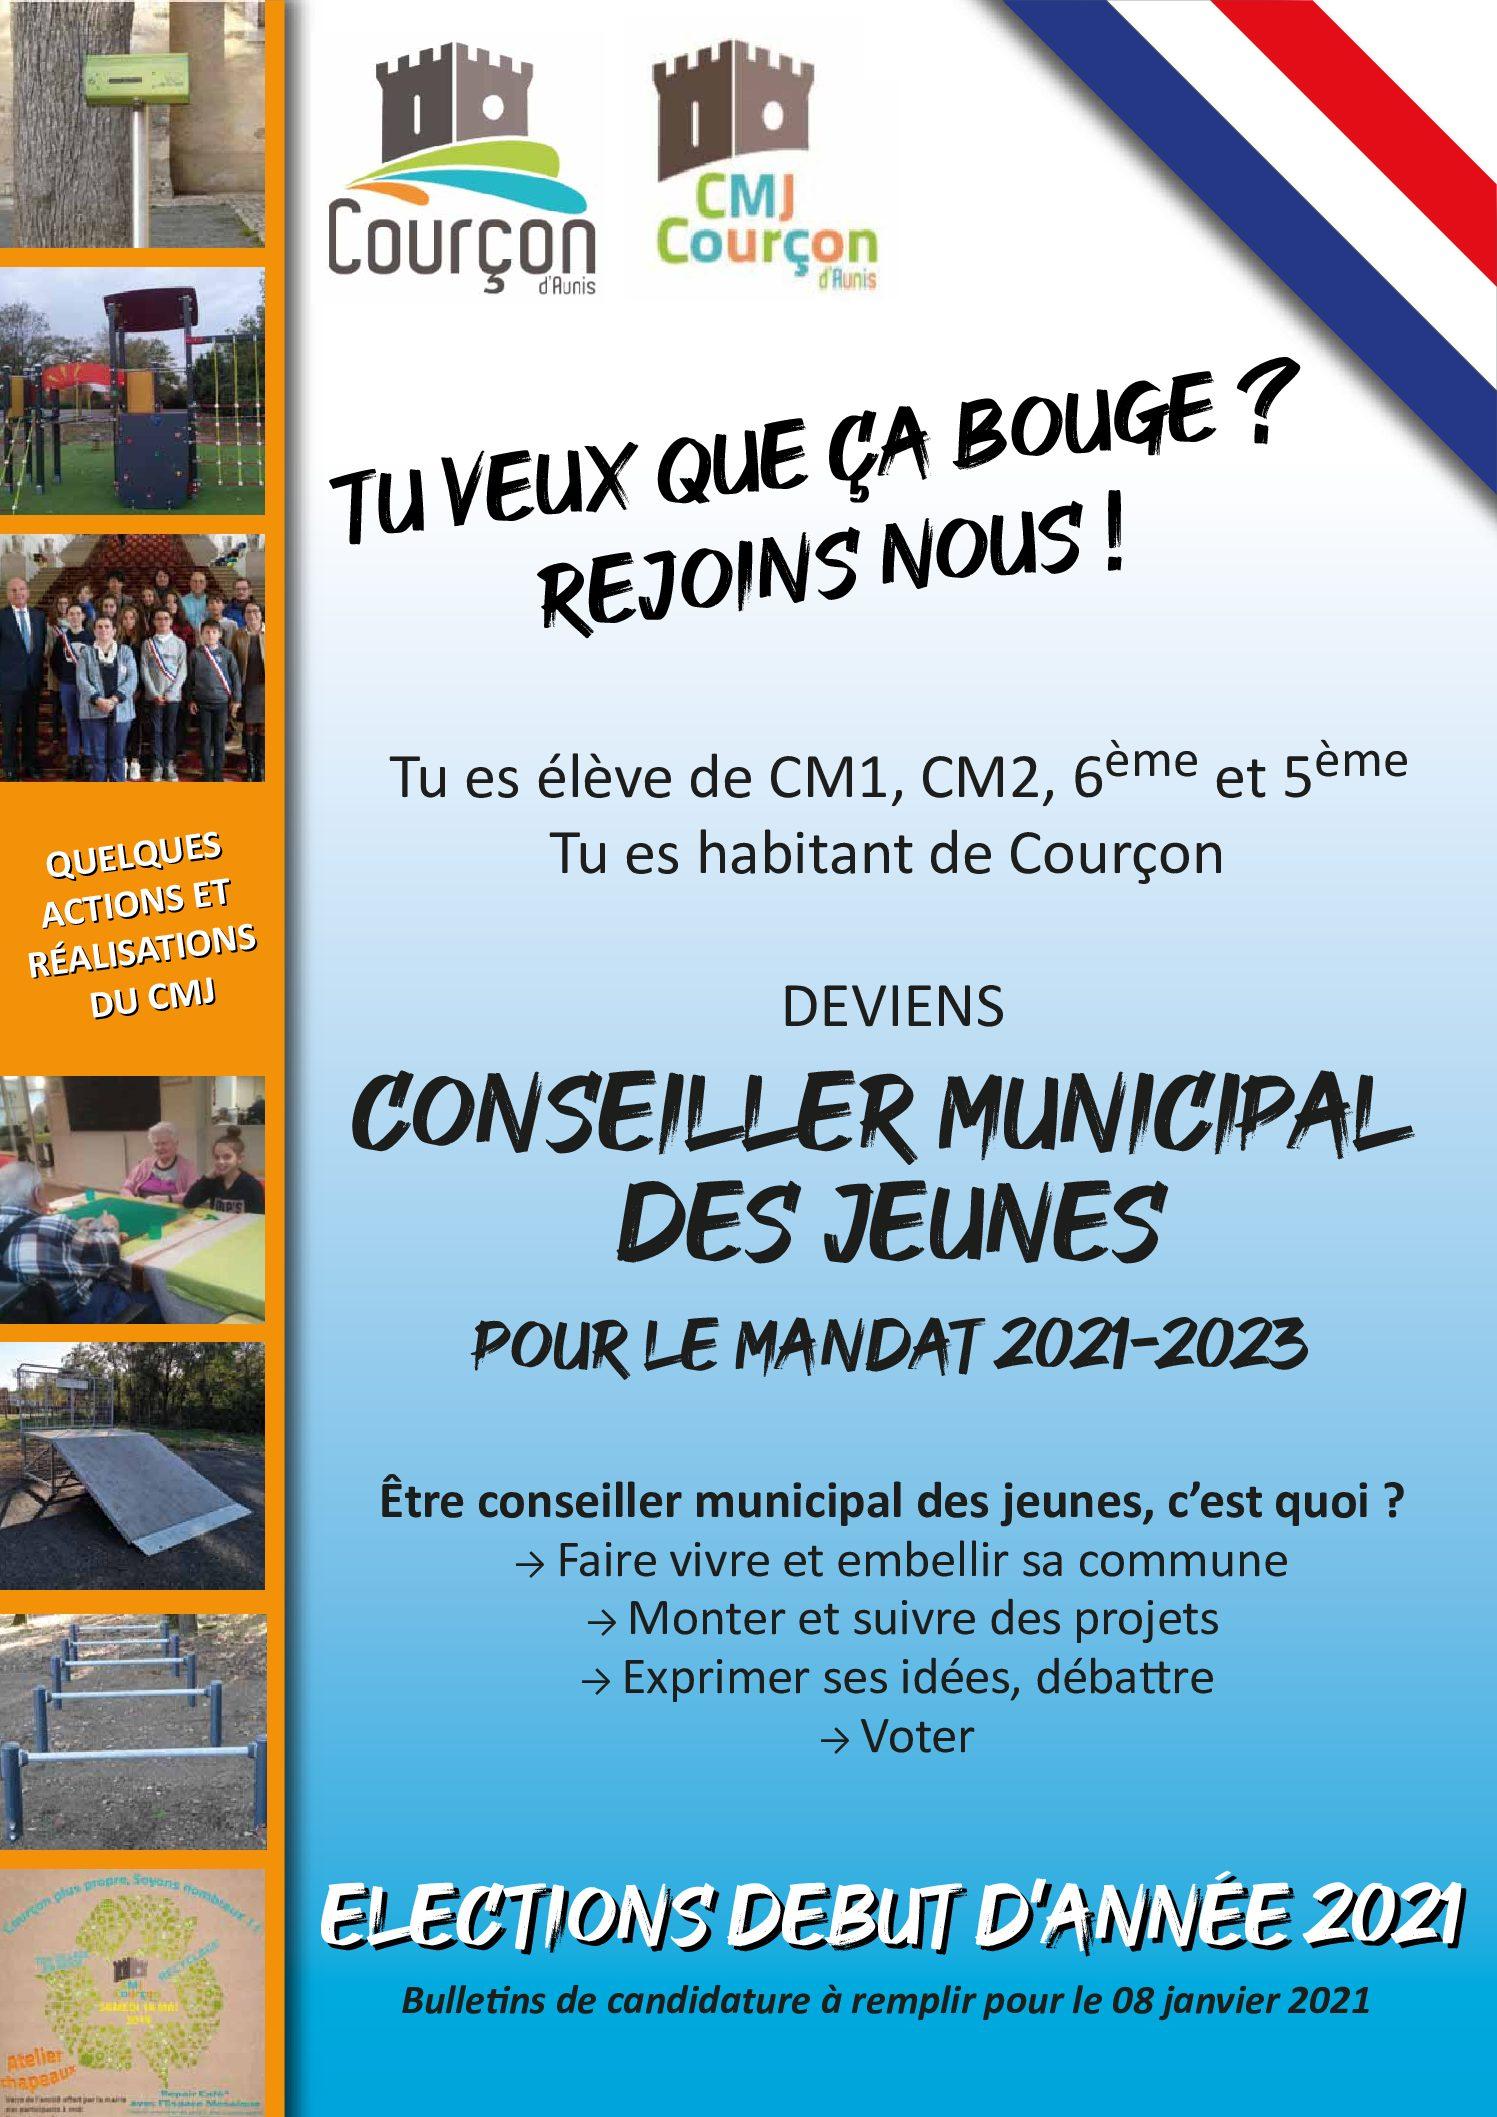 Conseil Municipal des jeunes 2021 – 2023 : dernière ligne droite pour les candidatures